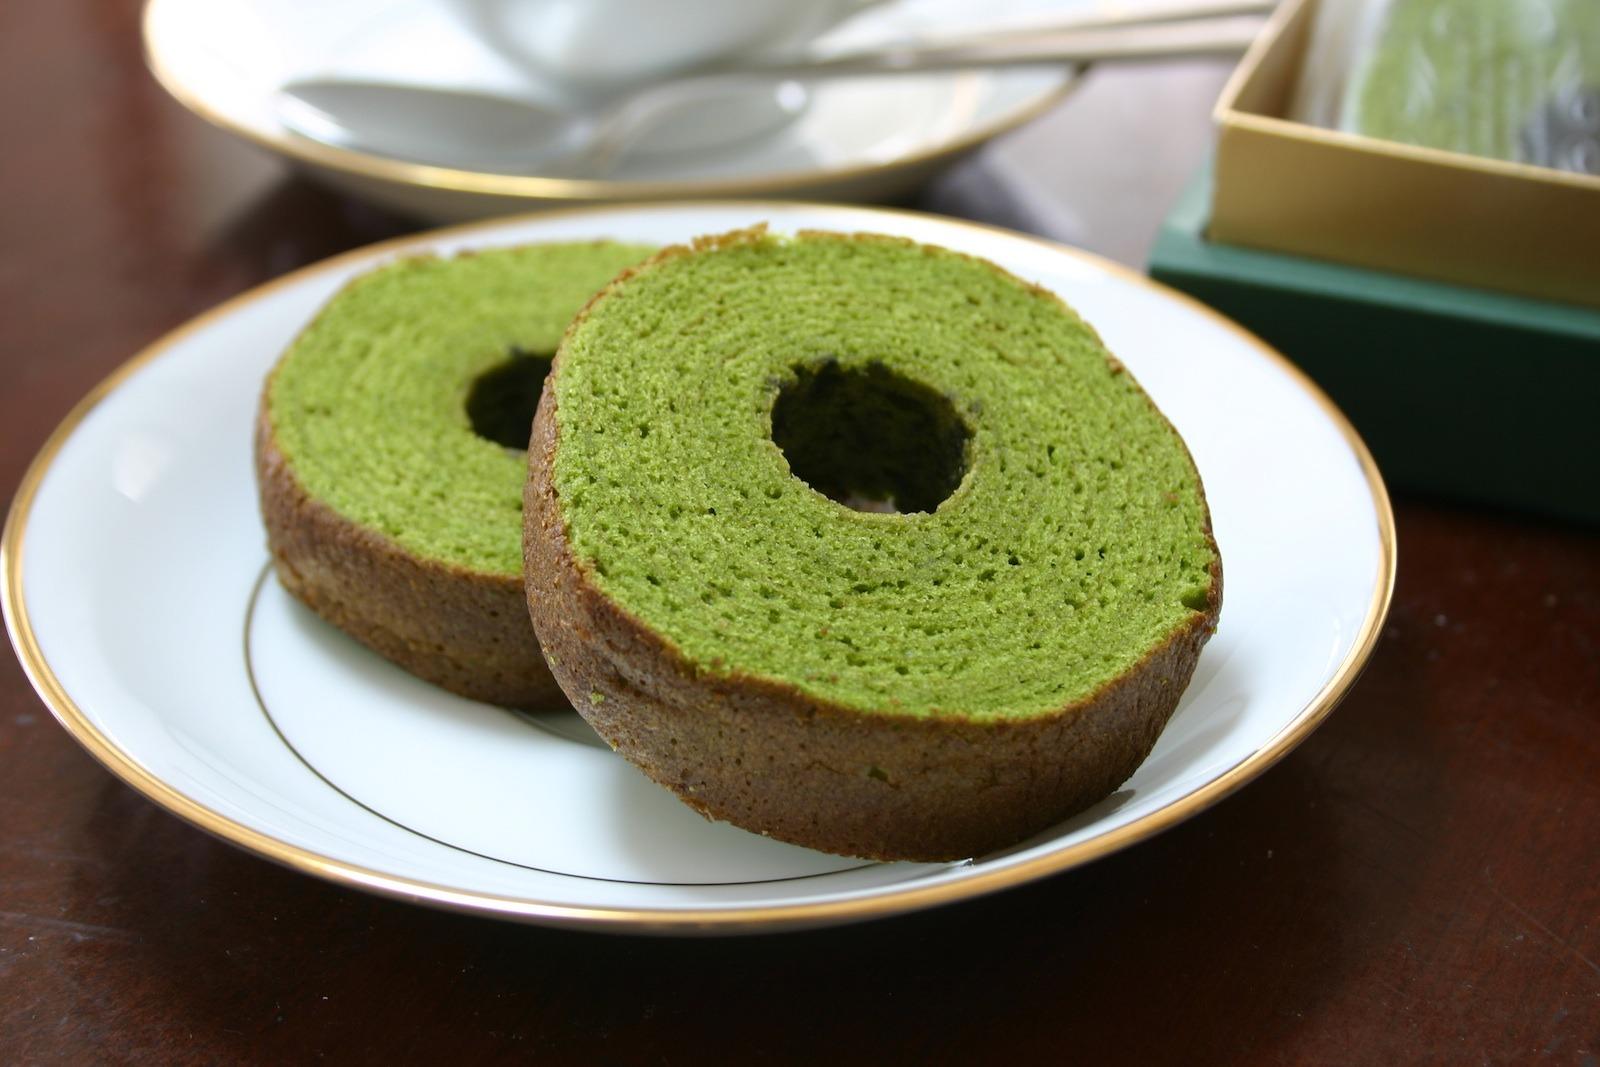 茶遊堂 抹茶年輪蛋糕 (5件裝)特價 $184